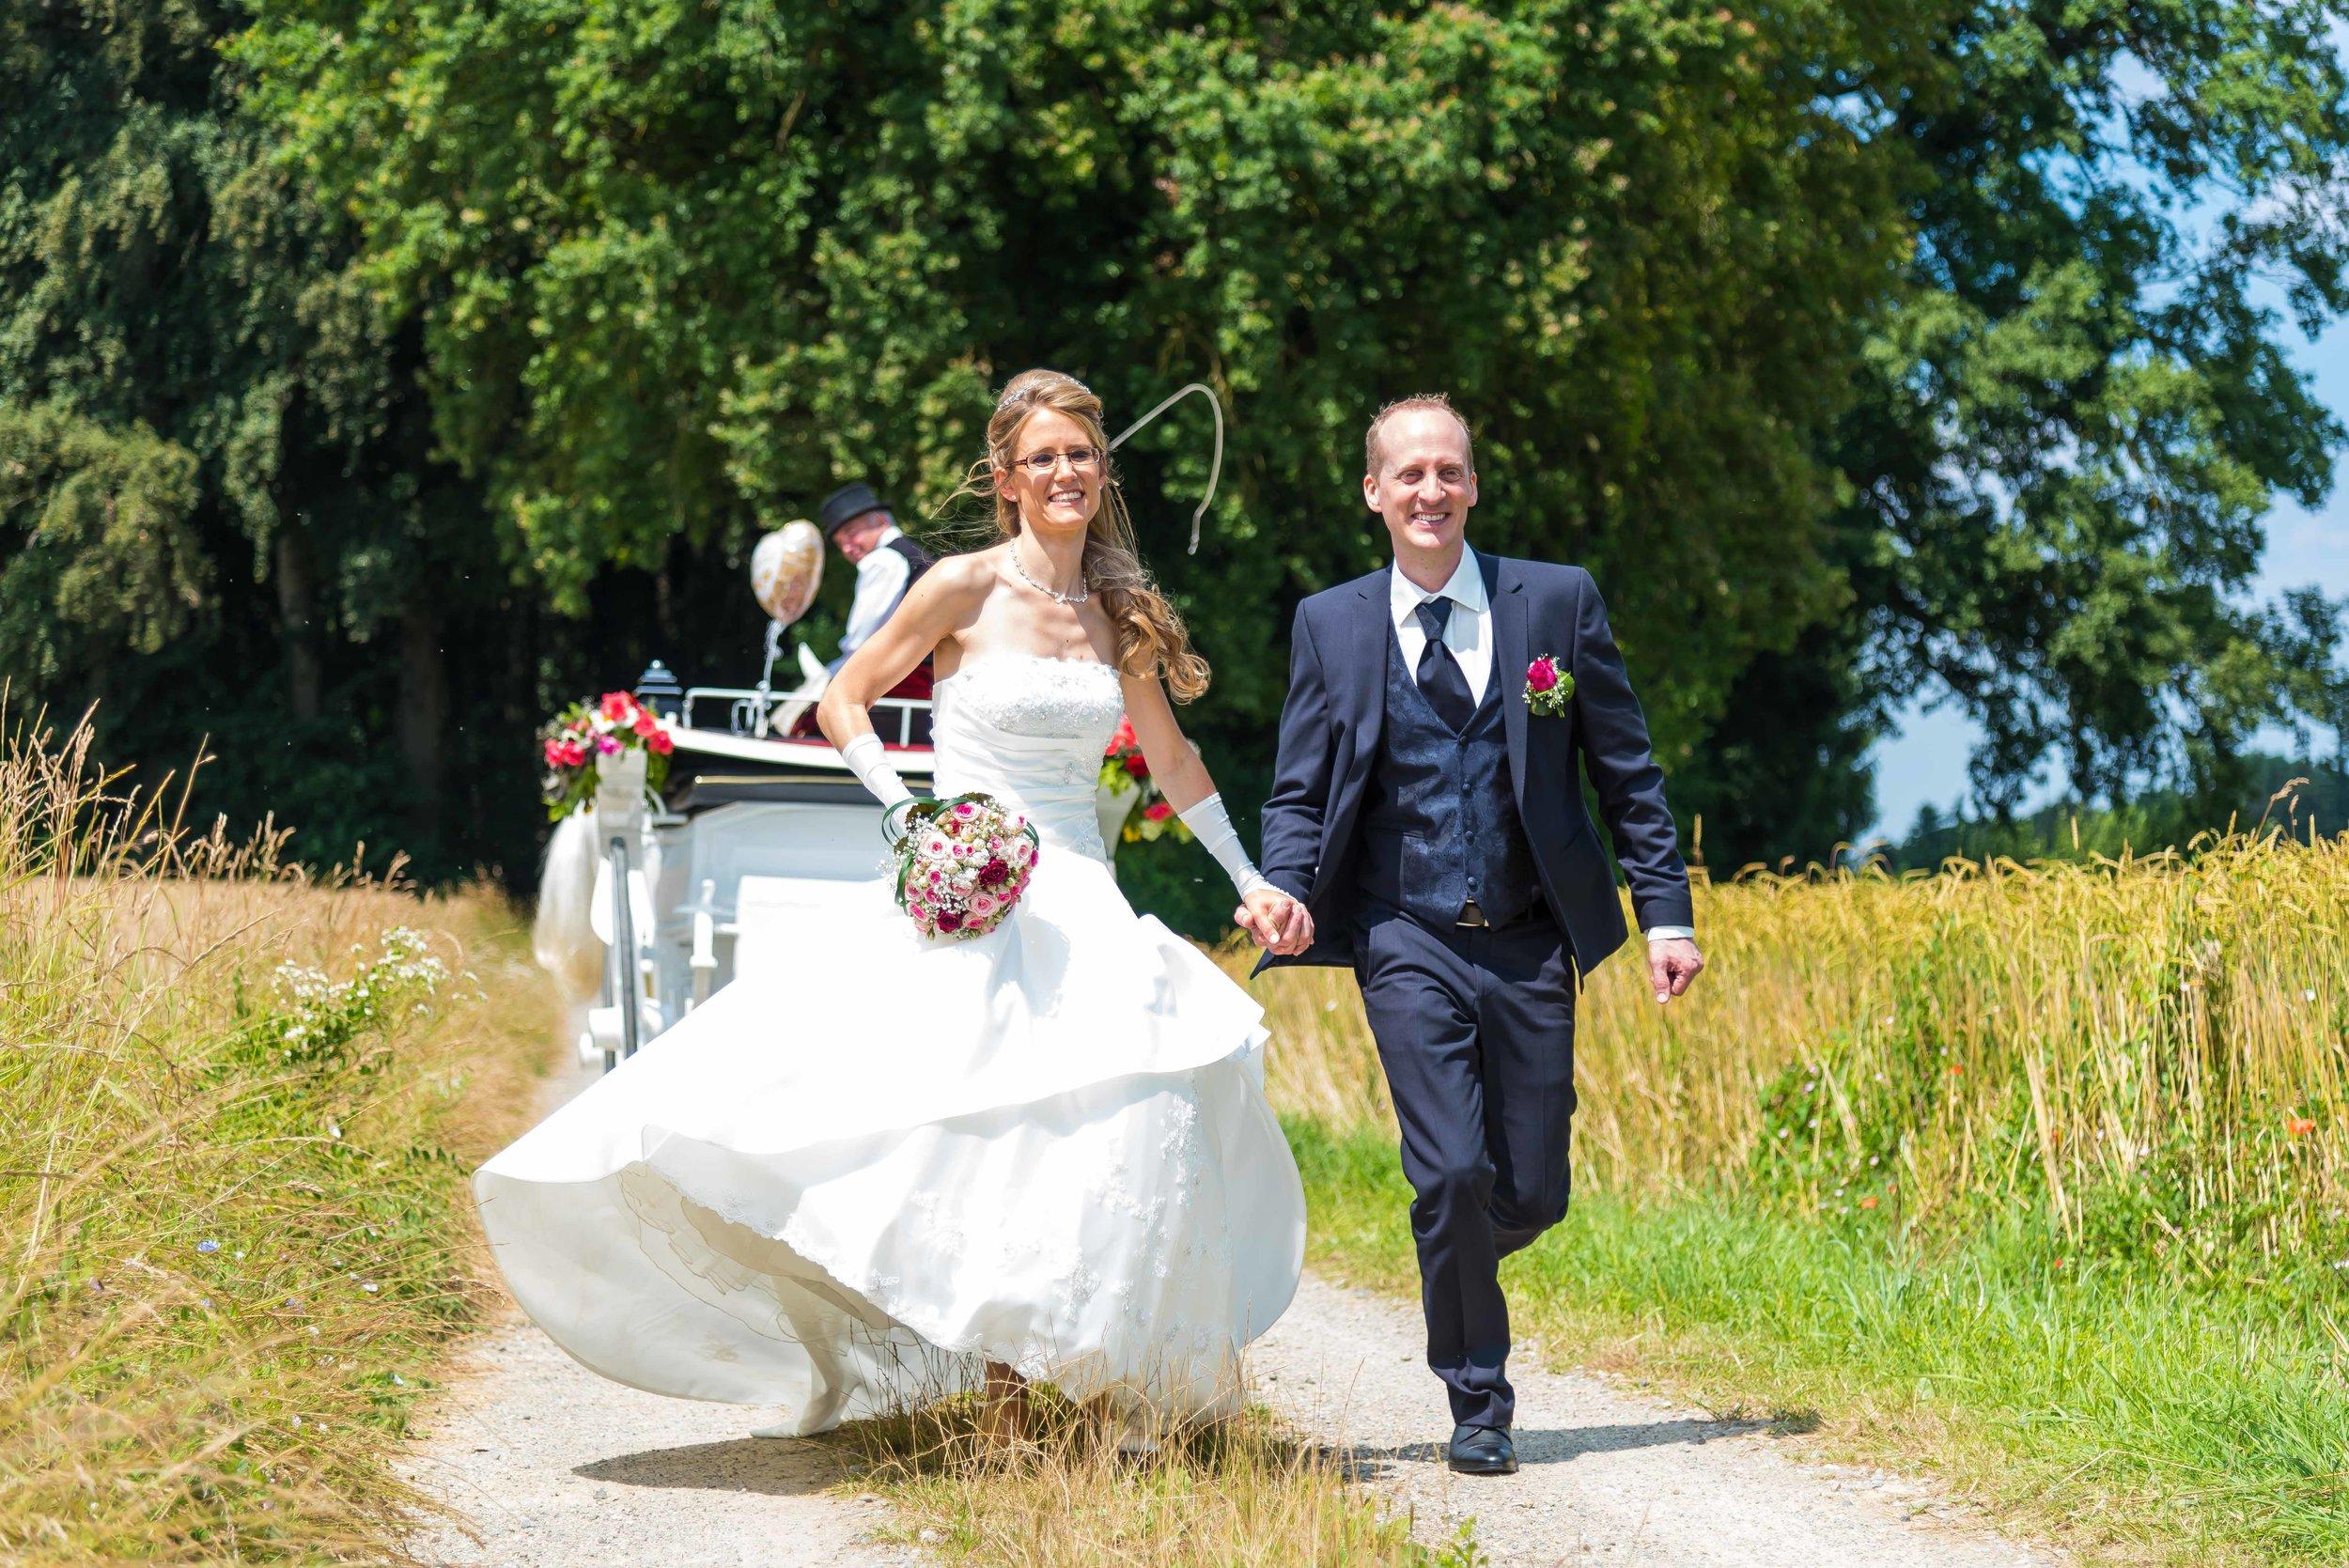 Esther & Urs Hochzeit-5.jpg